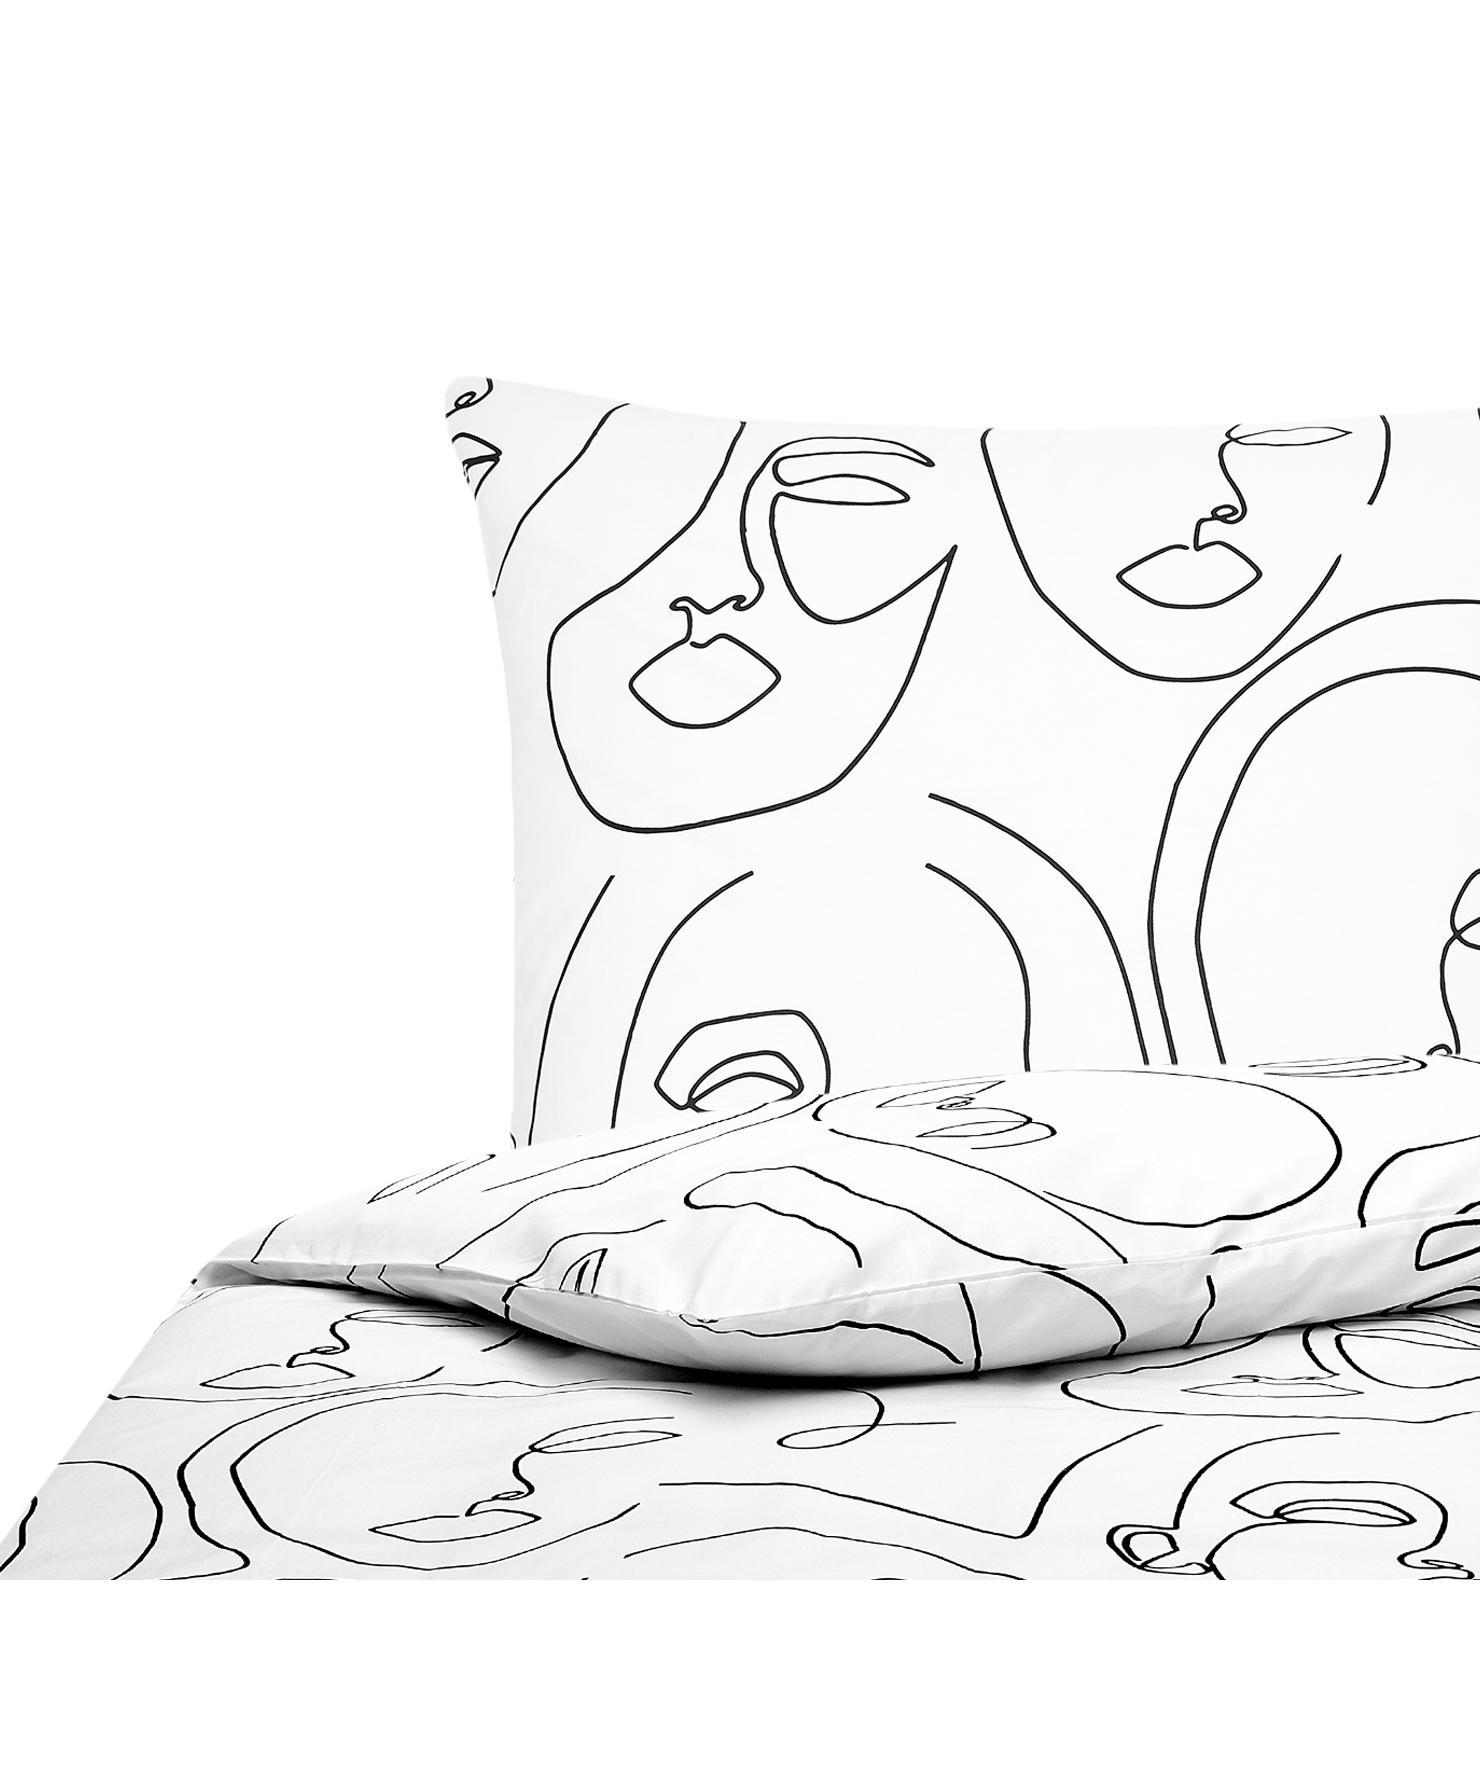 Baumwollperkal-Bettwäsche Aria mit One Line Zeichnung, Webart: Perkal Fadendichte 180 TC, Weiß, Schwarz, 155 x 220 cm + 1 Kissen 80 x 80 cm